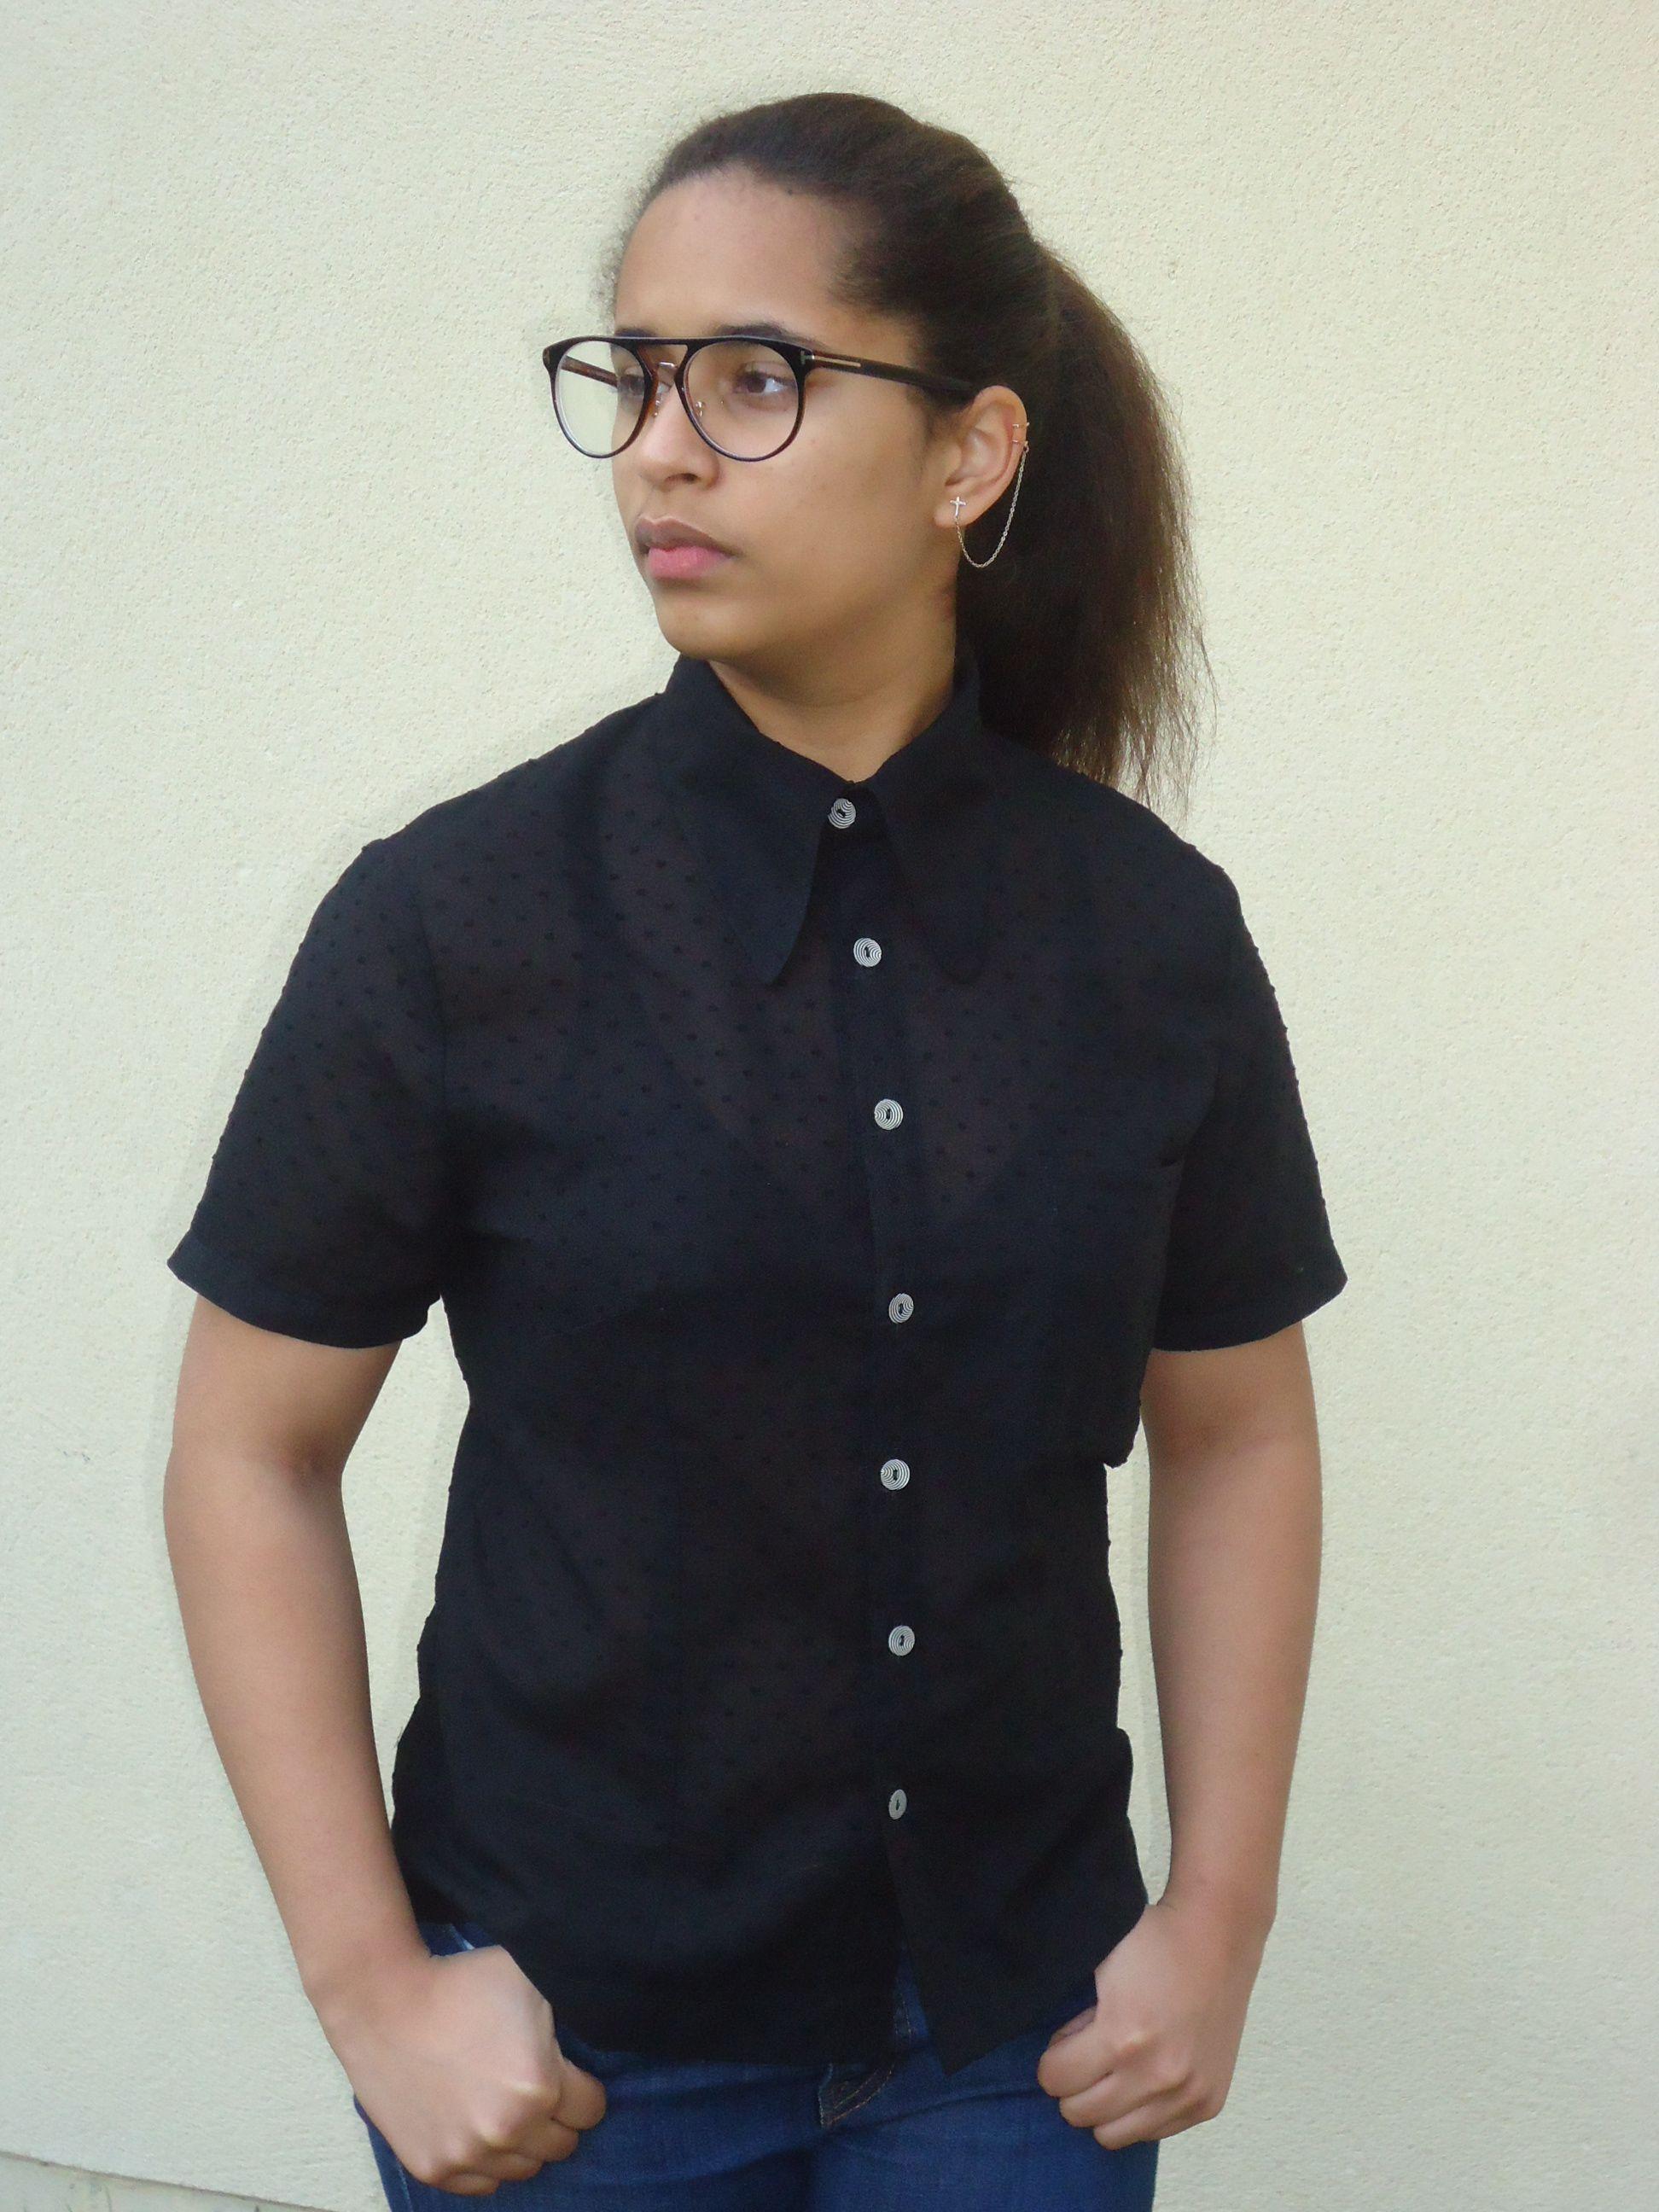 Chemisette vintage - modèle Lily shirt de Jenny Hellström Ruas | Sew ...